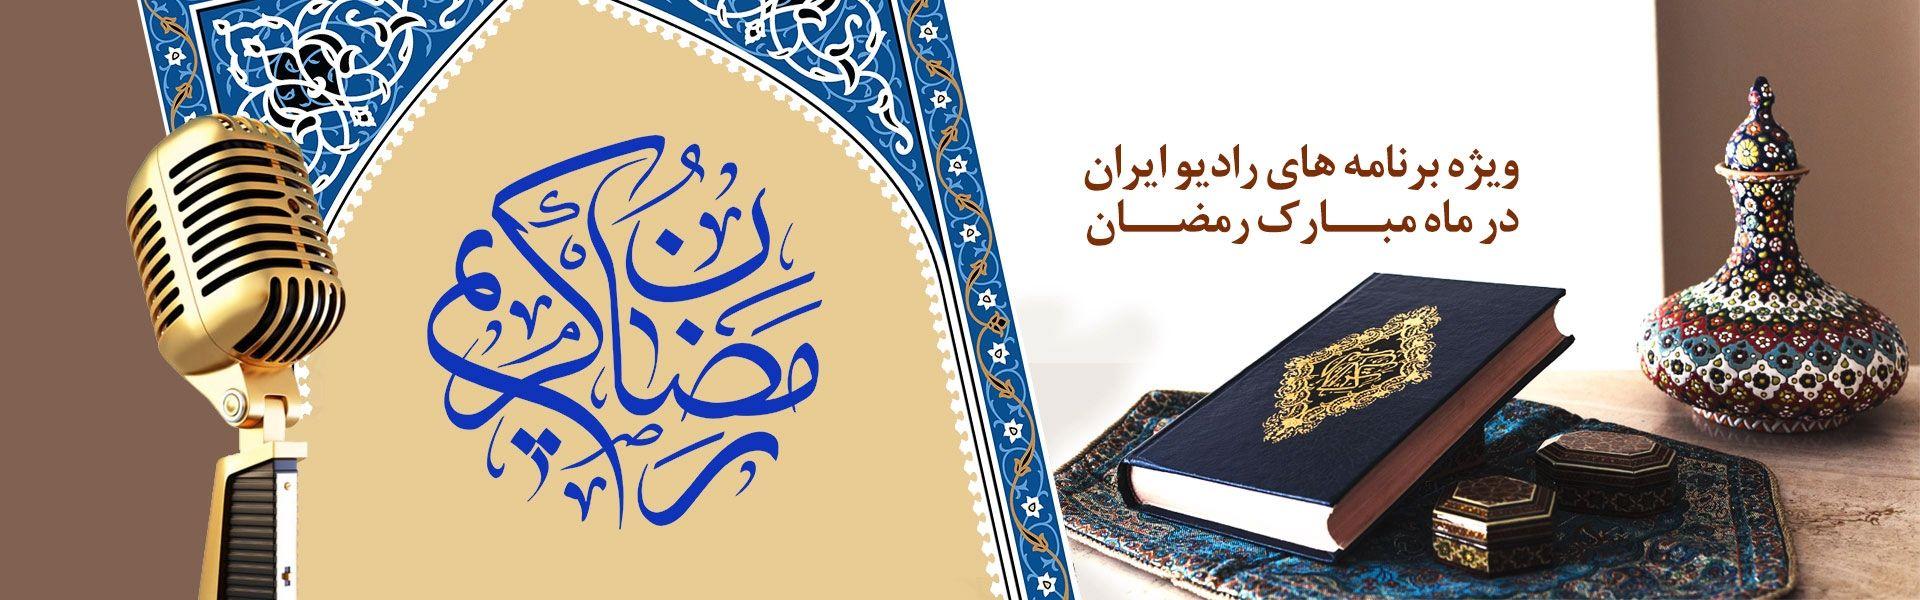 ویژه برنامه های ماه رمضان